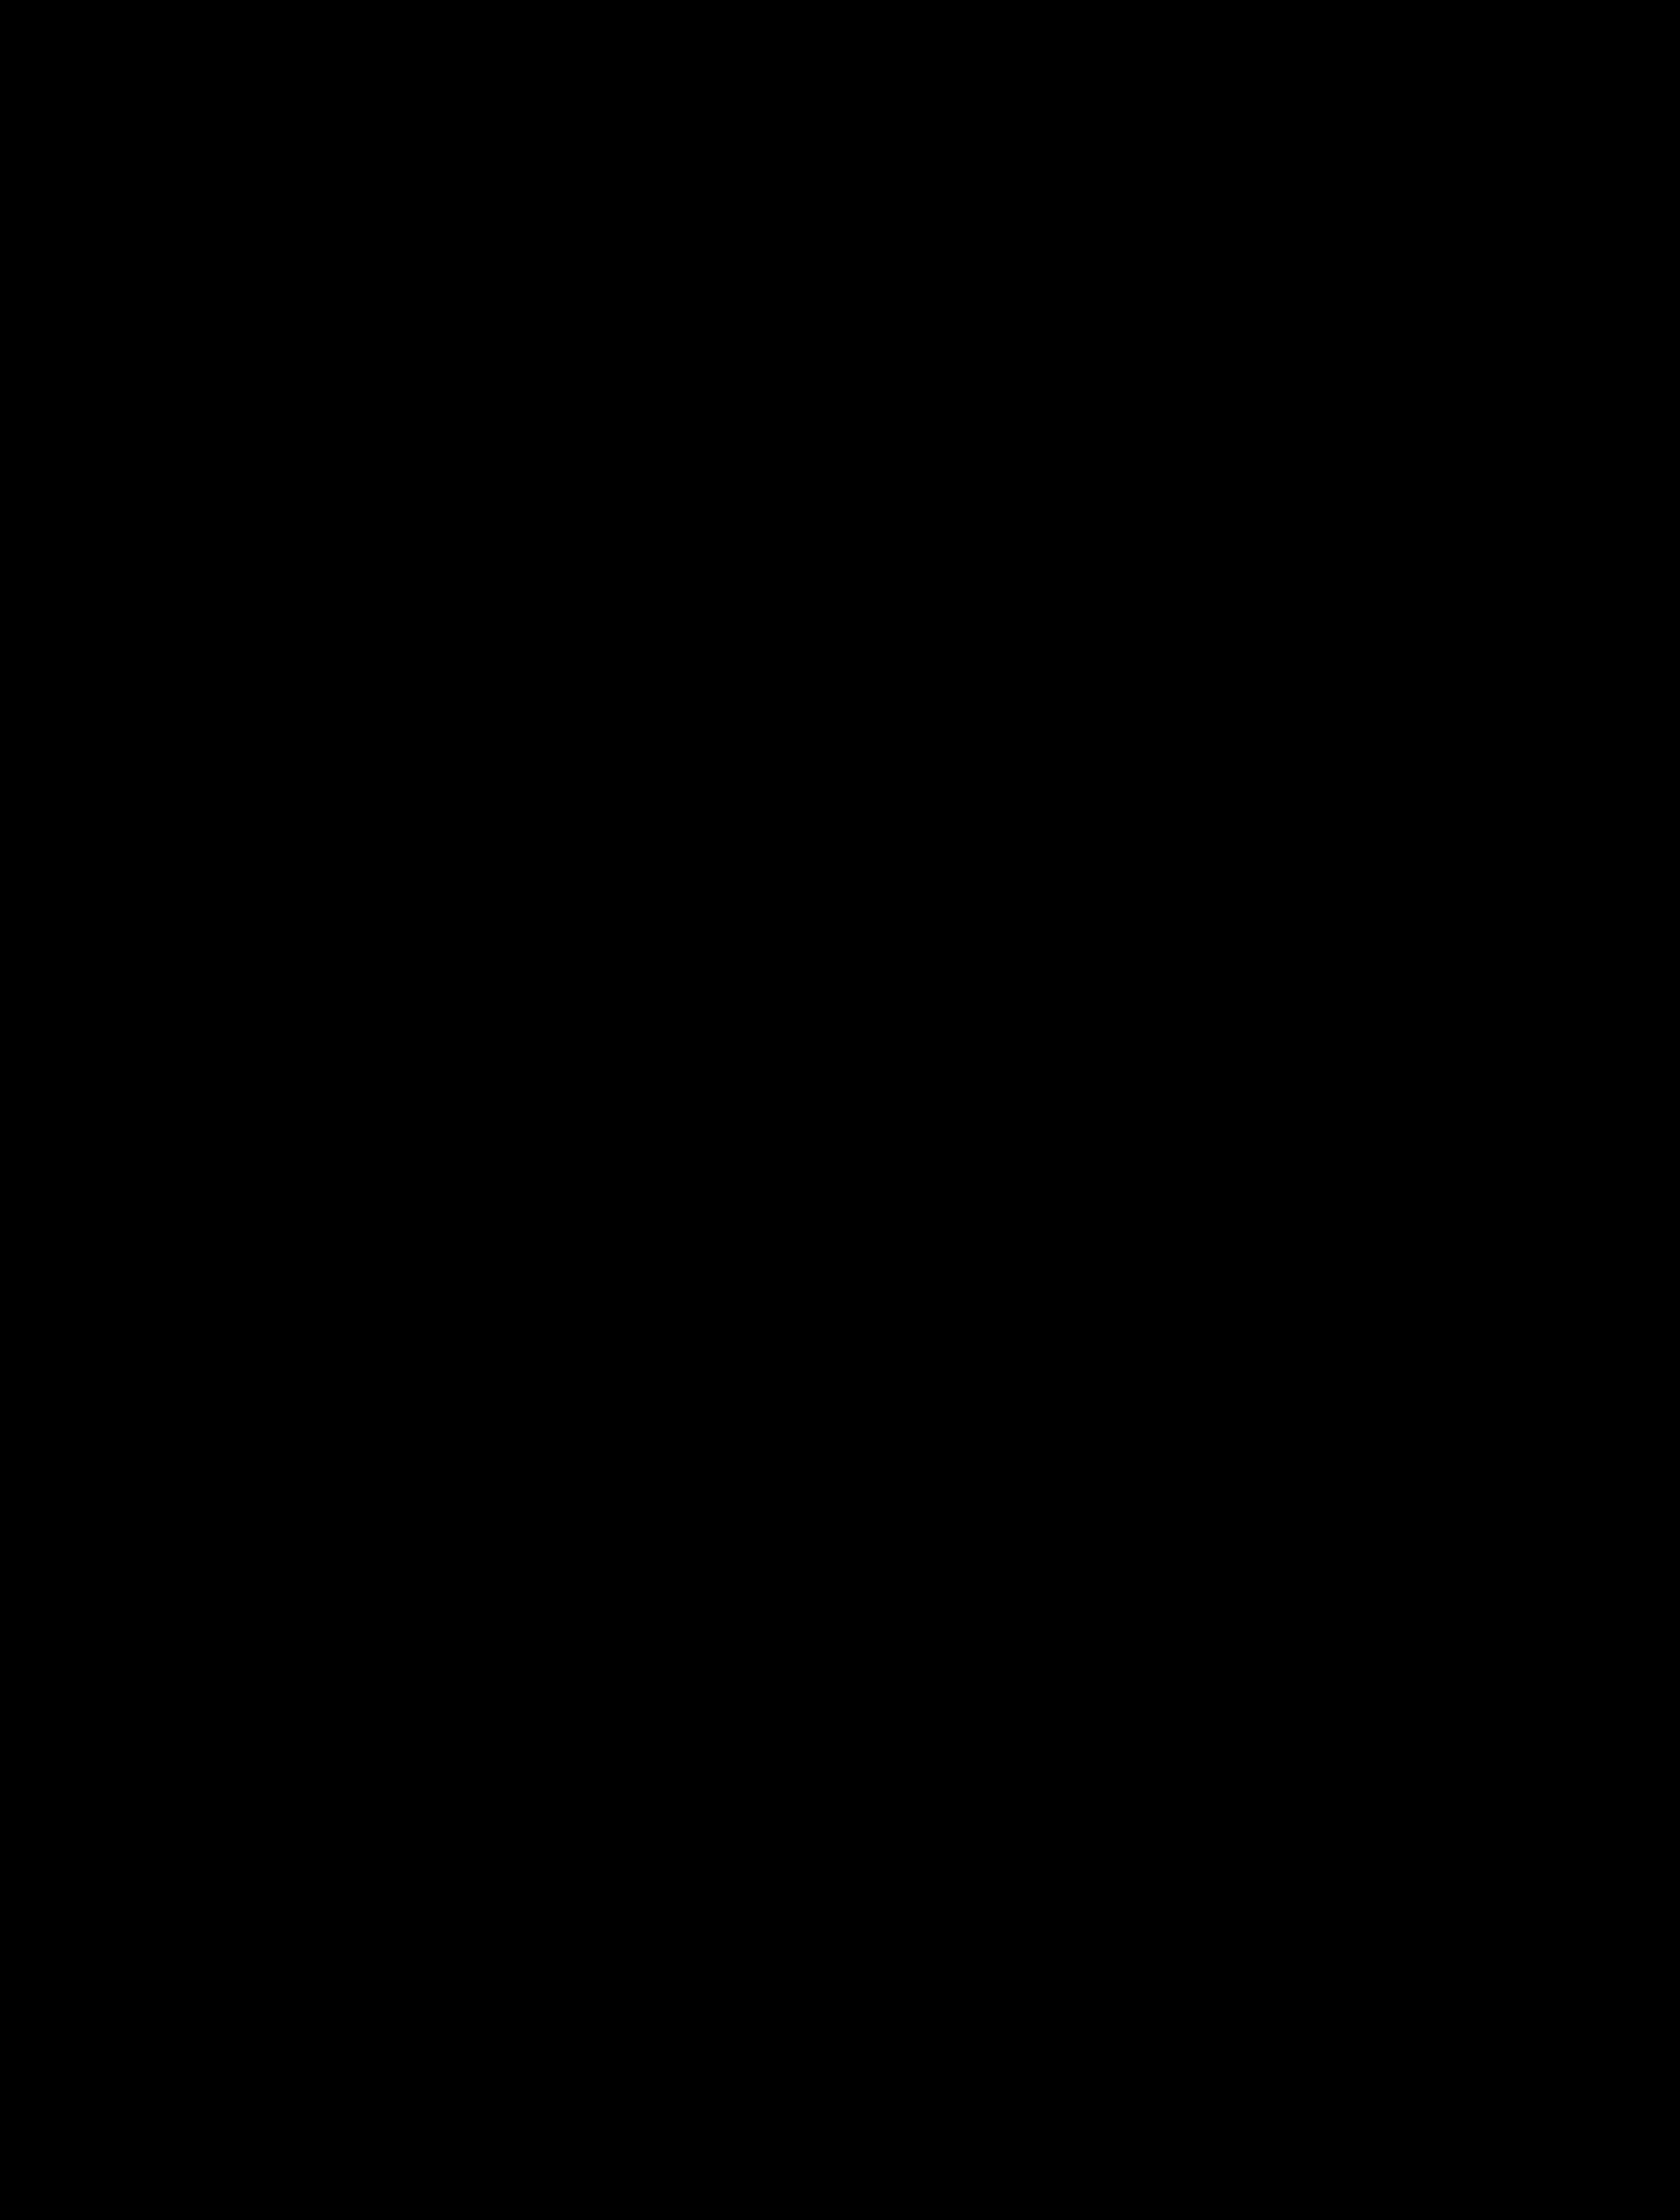 BDK Dental Care & Implant Centre, Noida